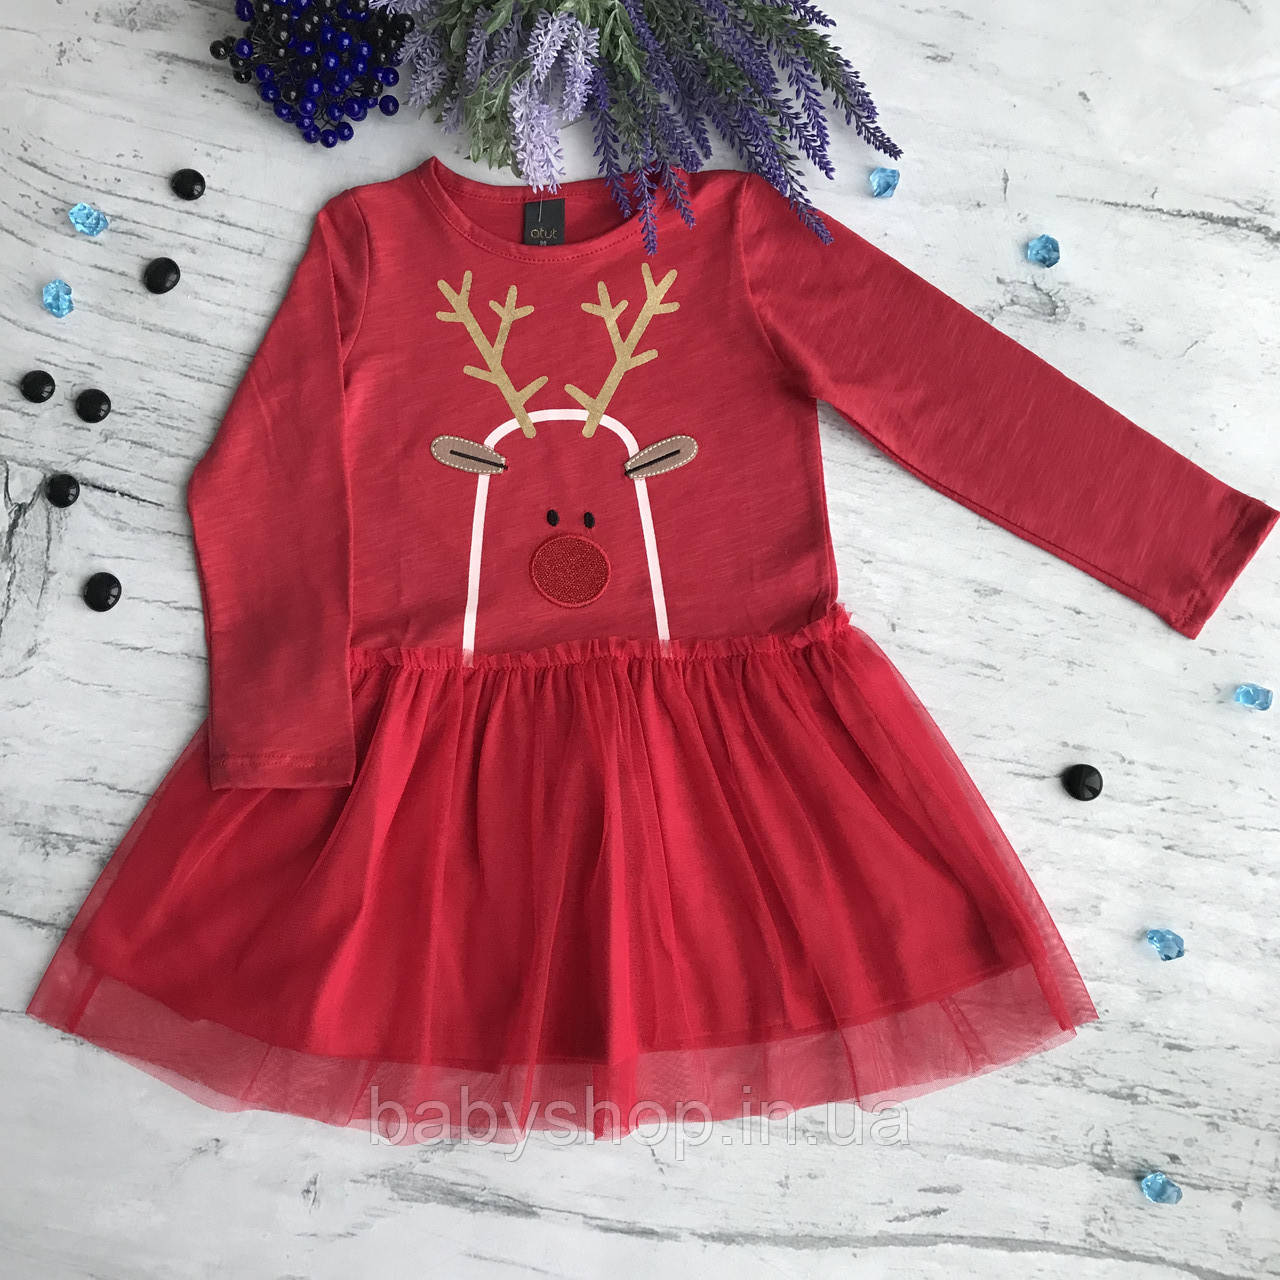 Платье Новогоднее на девочку. Размеры 98 см, 104 см, 110 см, 116 см